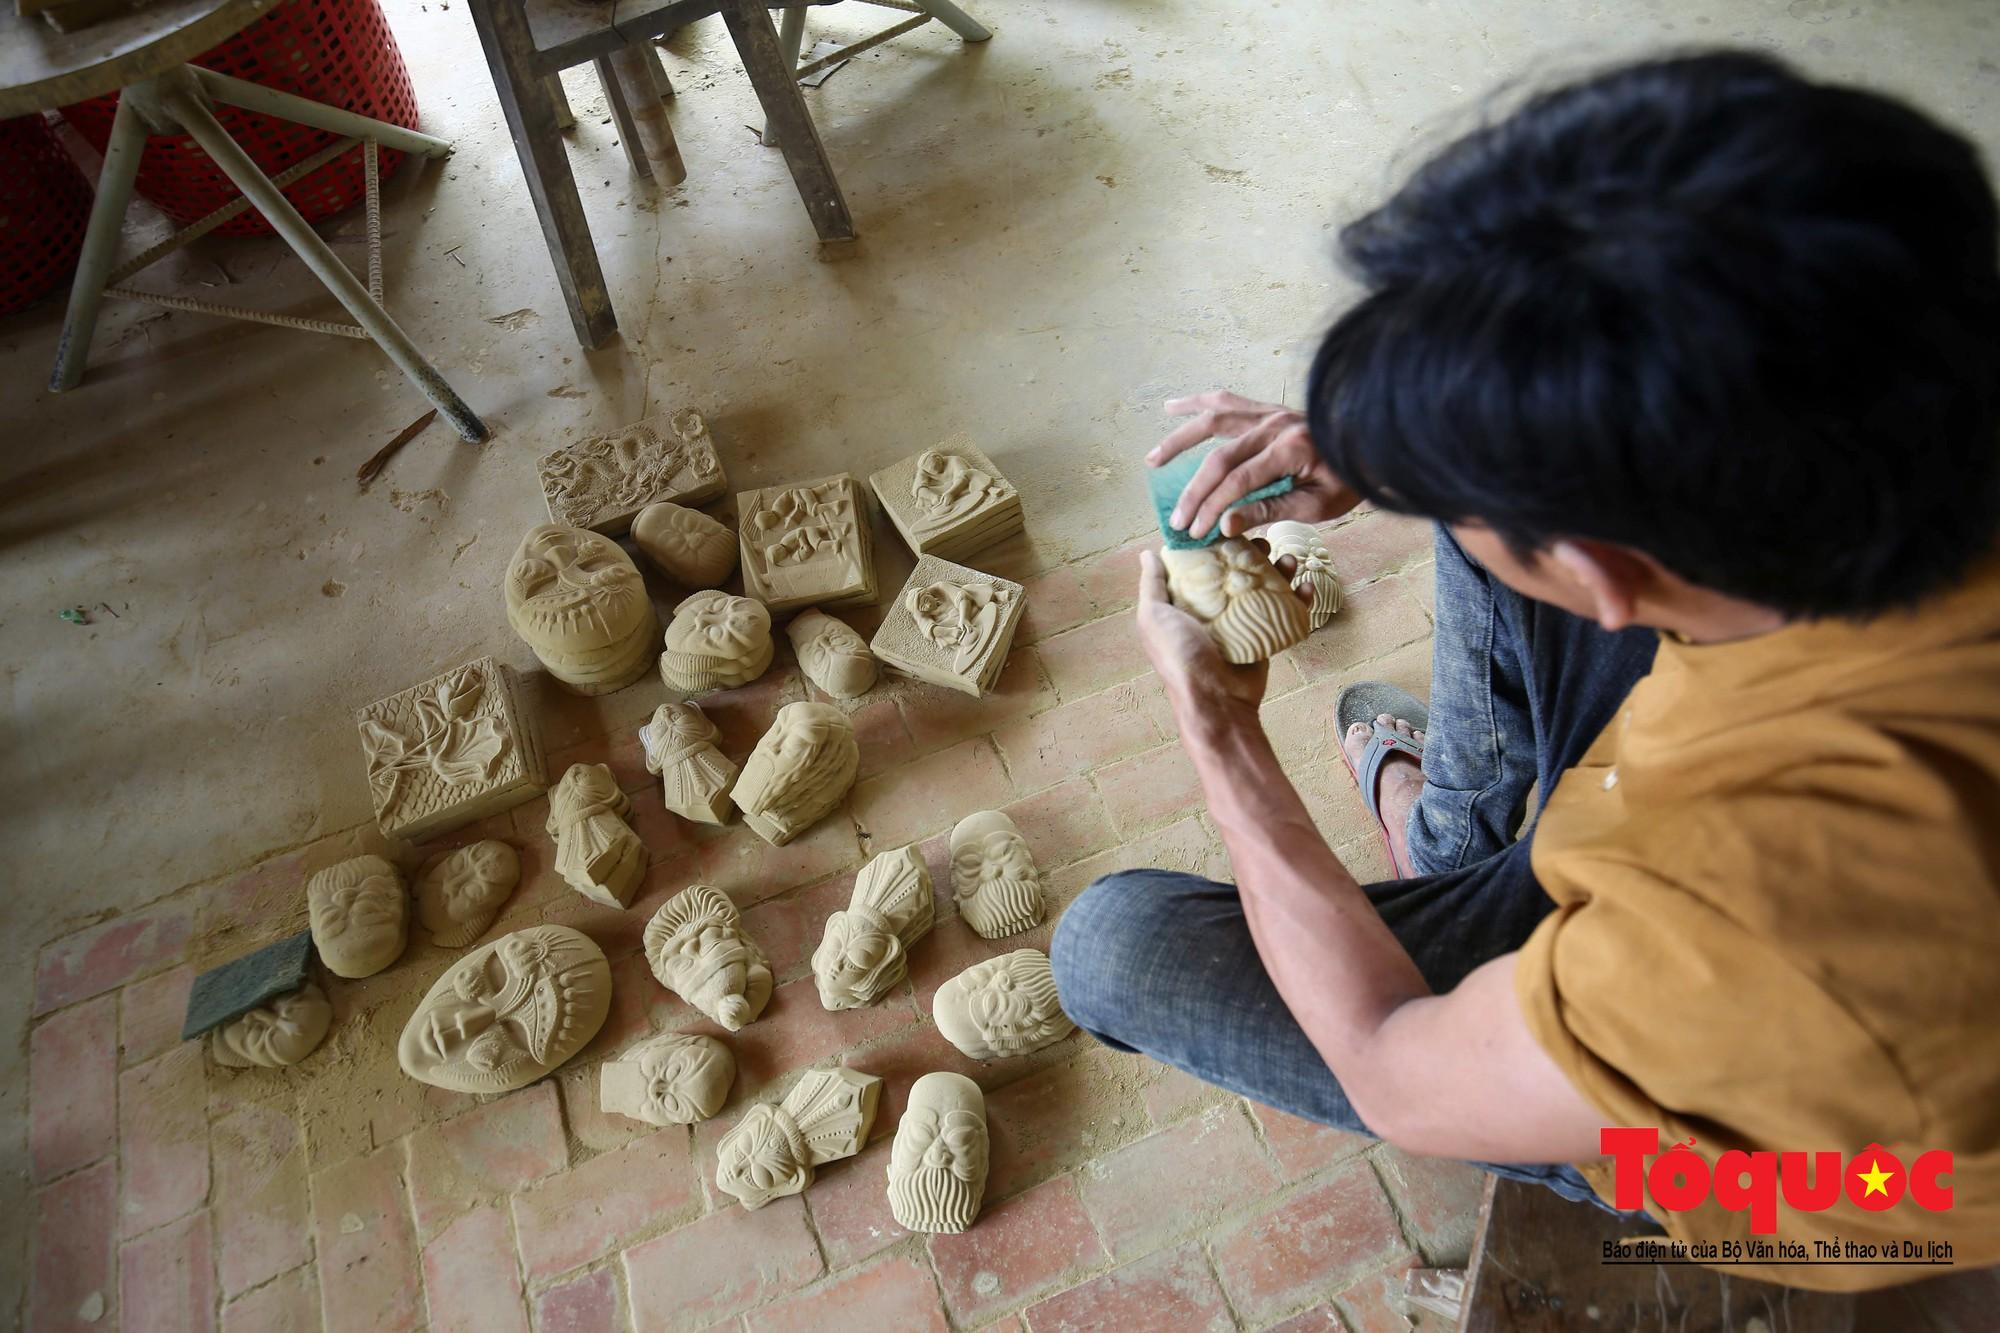 Vẻ đẹp trầm mặc của làng gốm gần nghìn năm tuổi bên dòng sông Thu Bồn23